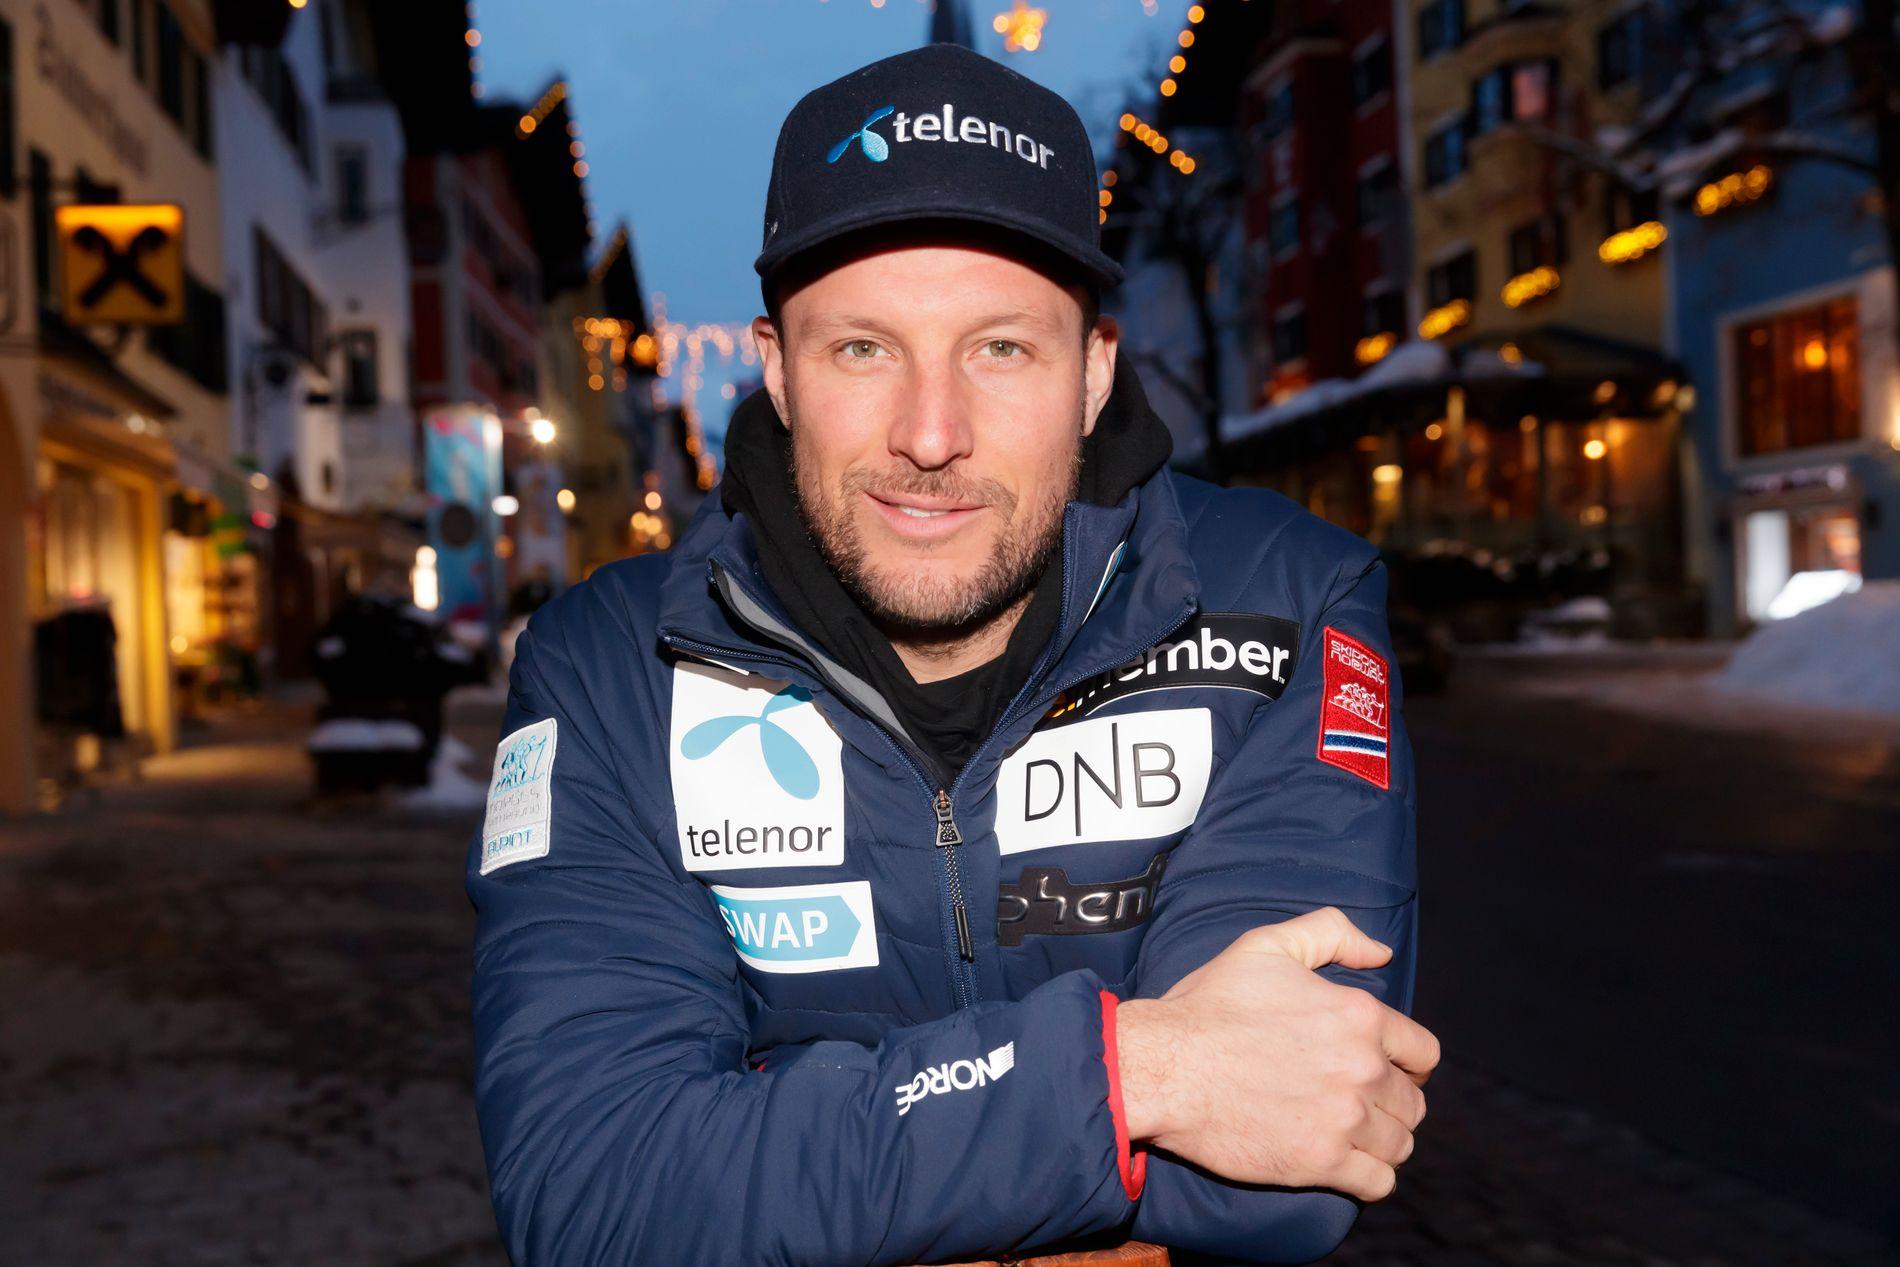 VIL SÅ GJERNE: Aksel Lund Svindal er på plass i Kitzbühel og mega-motivert før helgens konkurranser.